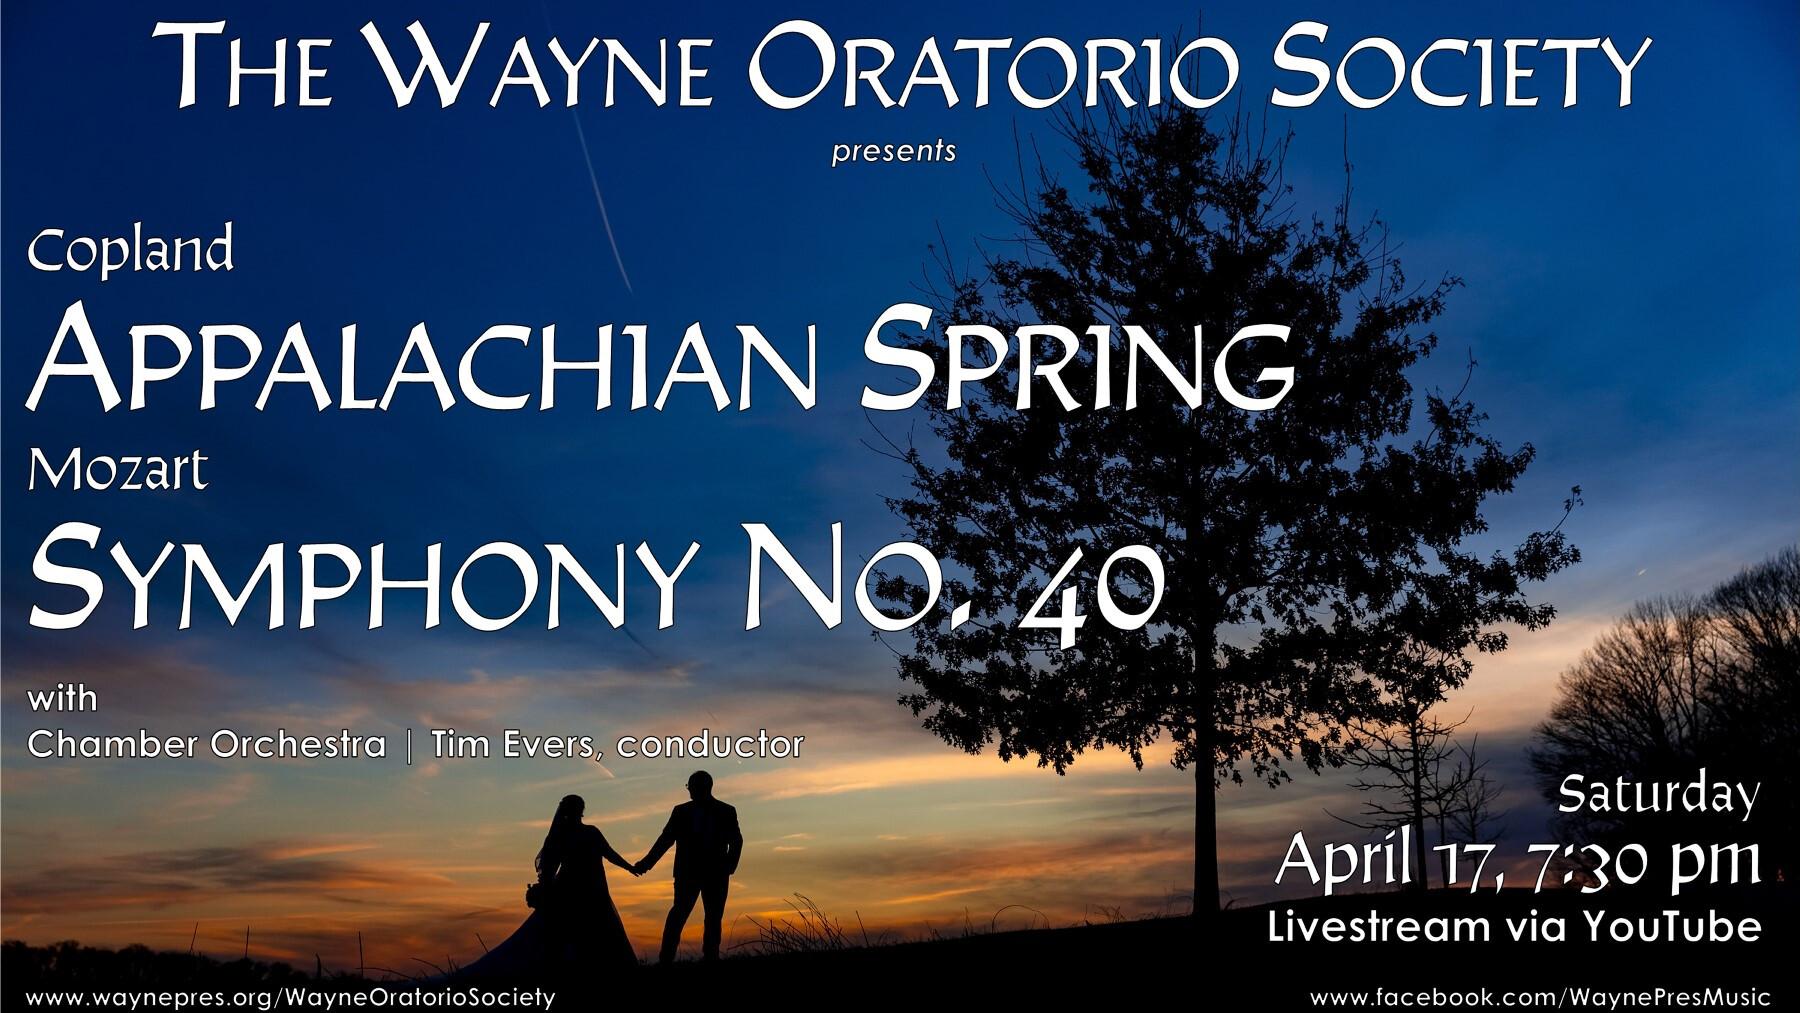 Wayne Oratorio Society